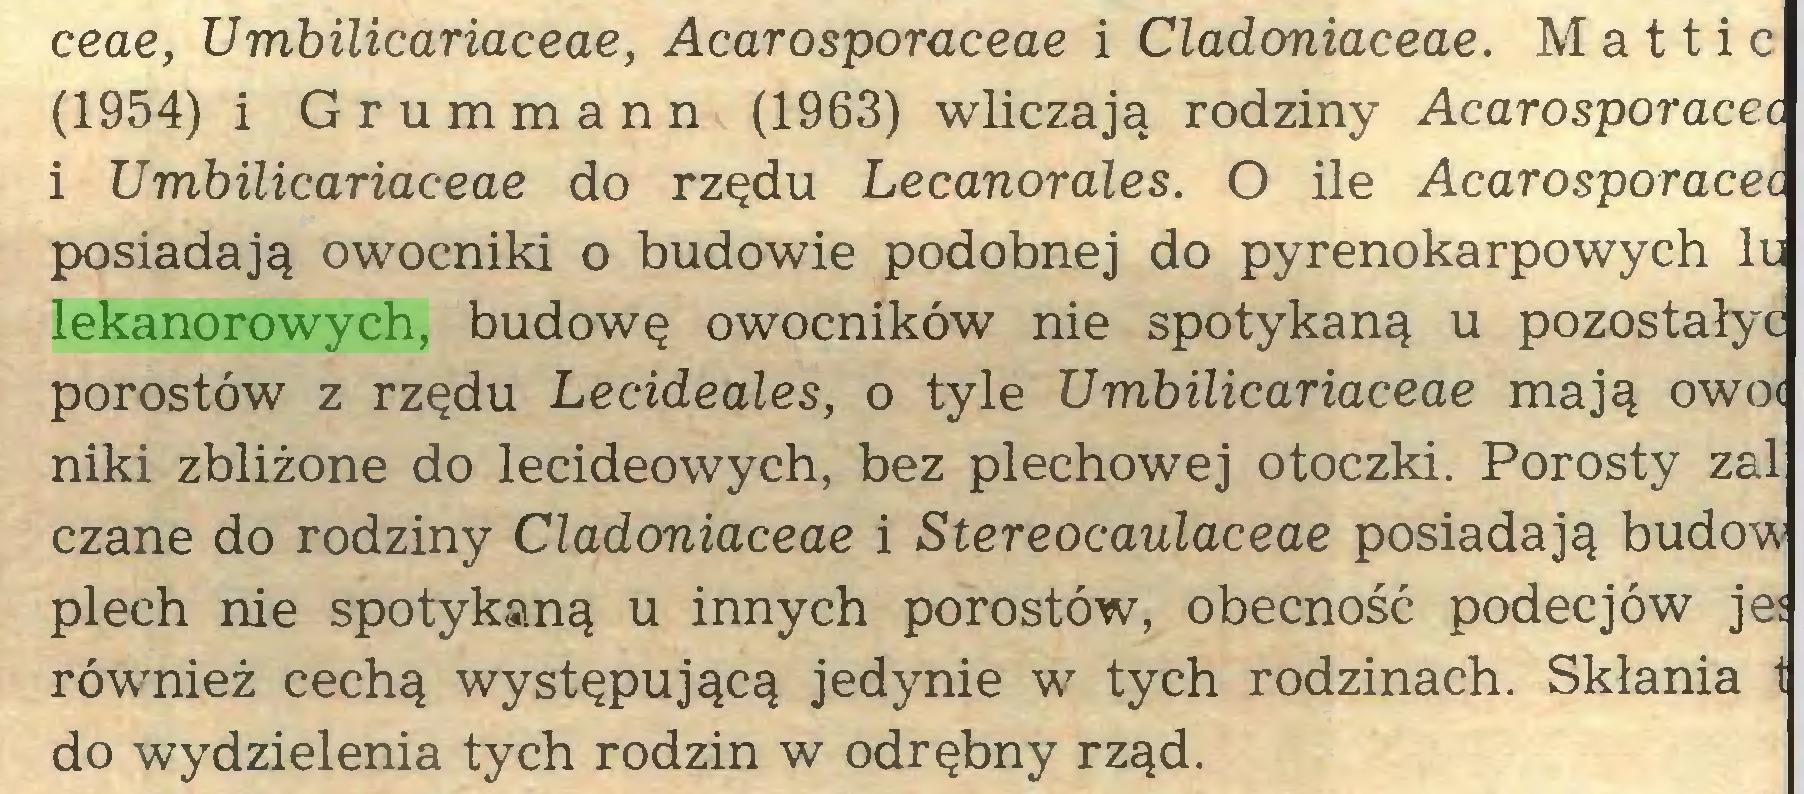 (...) ceae, Umbilicariaceae, Acarosporaceae i Cladoniaceae. M a 11 i c (1954) i Grummann (1963) wliczają rodziny Acarosporacei 1 Umbilicariaceae do rzędu Lecanorales. O ile Acarosporacec posiadają owocniki o budowie podobnej do pyrenokarpowych li lekanorowych, budowę owocników nie spotykaną u pozostałyc porostów z rzędu Lecideales, o tyle Umbilicariaceae mają owoi niki zbliżone do lecideowych, bez plechowej otoczki. Porosty zal czane do rodziny Cladoniaceae i Stereocaulaceae posiadają budów plech nie spotykaną u innych porostów, obecność podecjów je: również cechą występującą jedynie w tych rodzinach. Skłania 1 do wydzielenia tych rodzin w odrębny rząd...